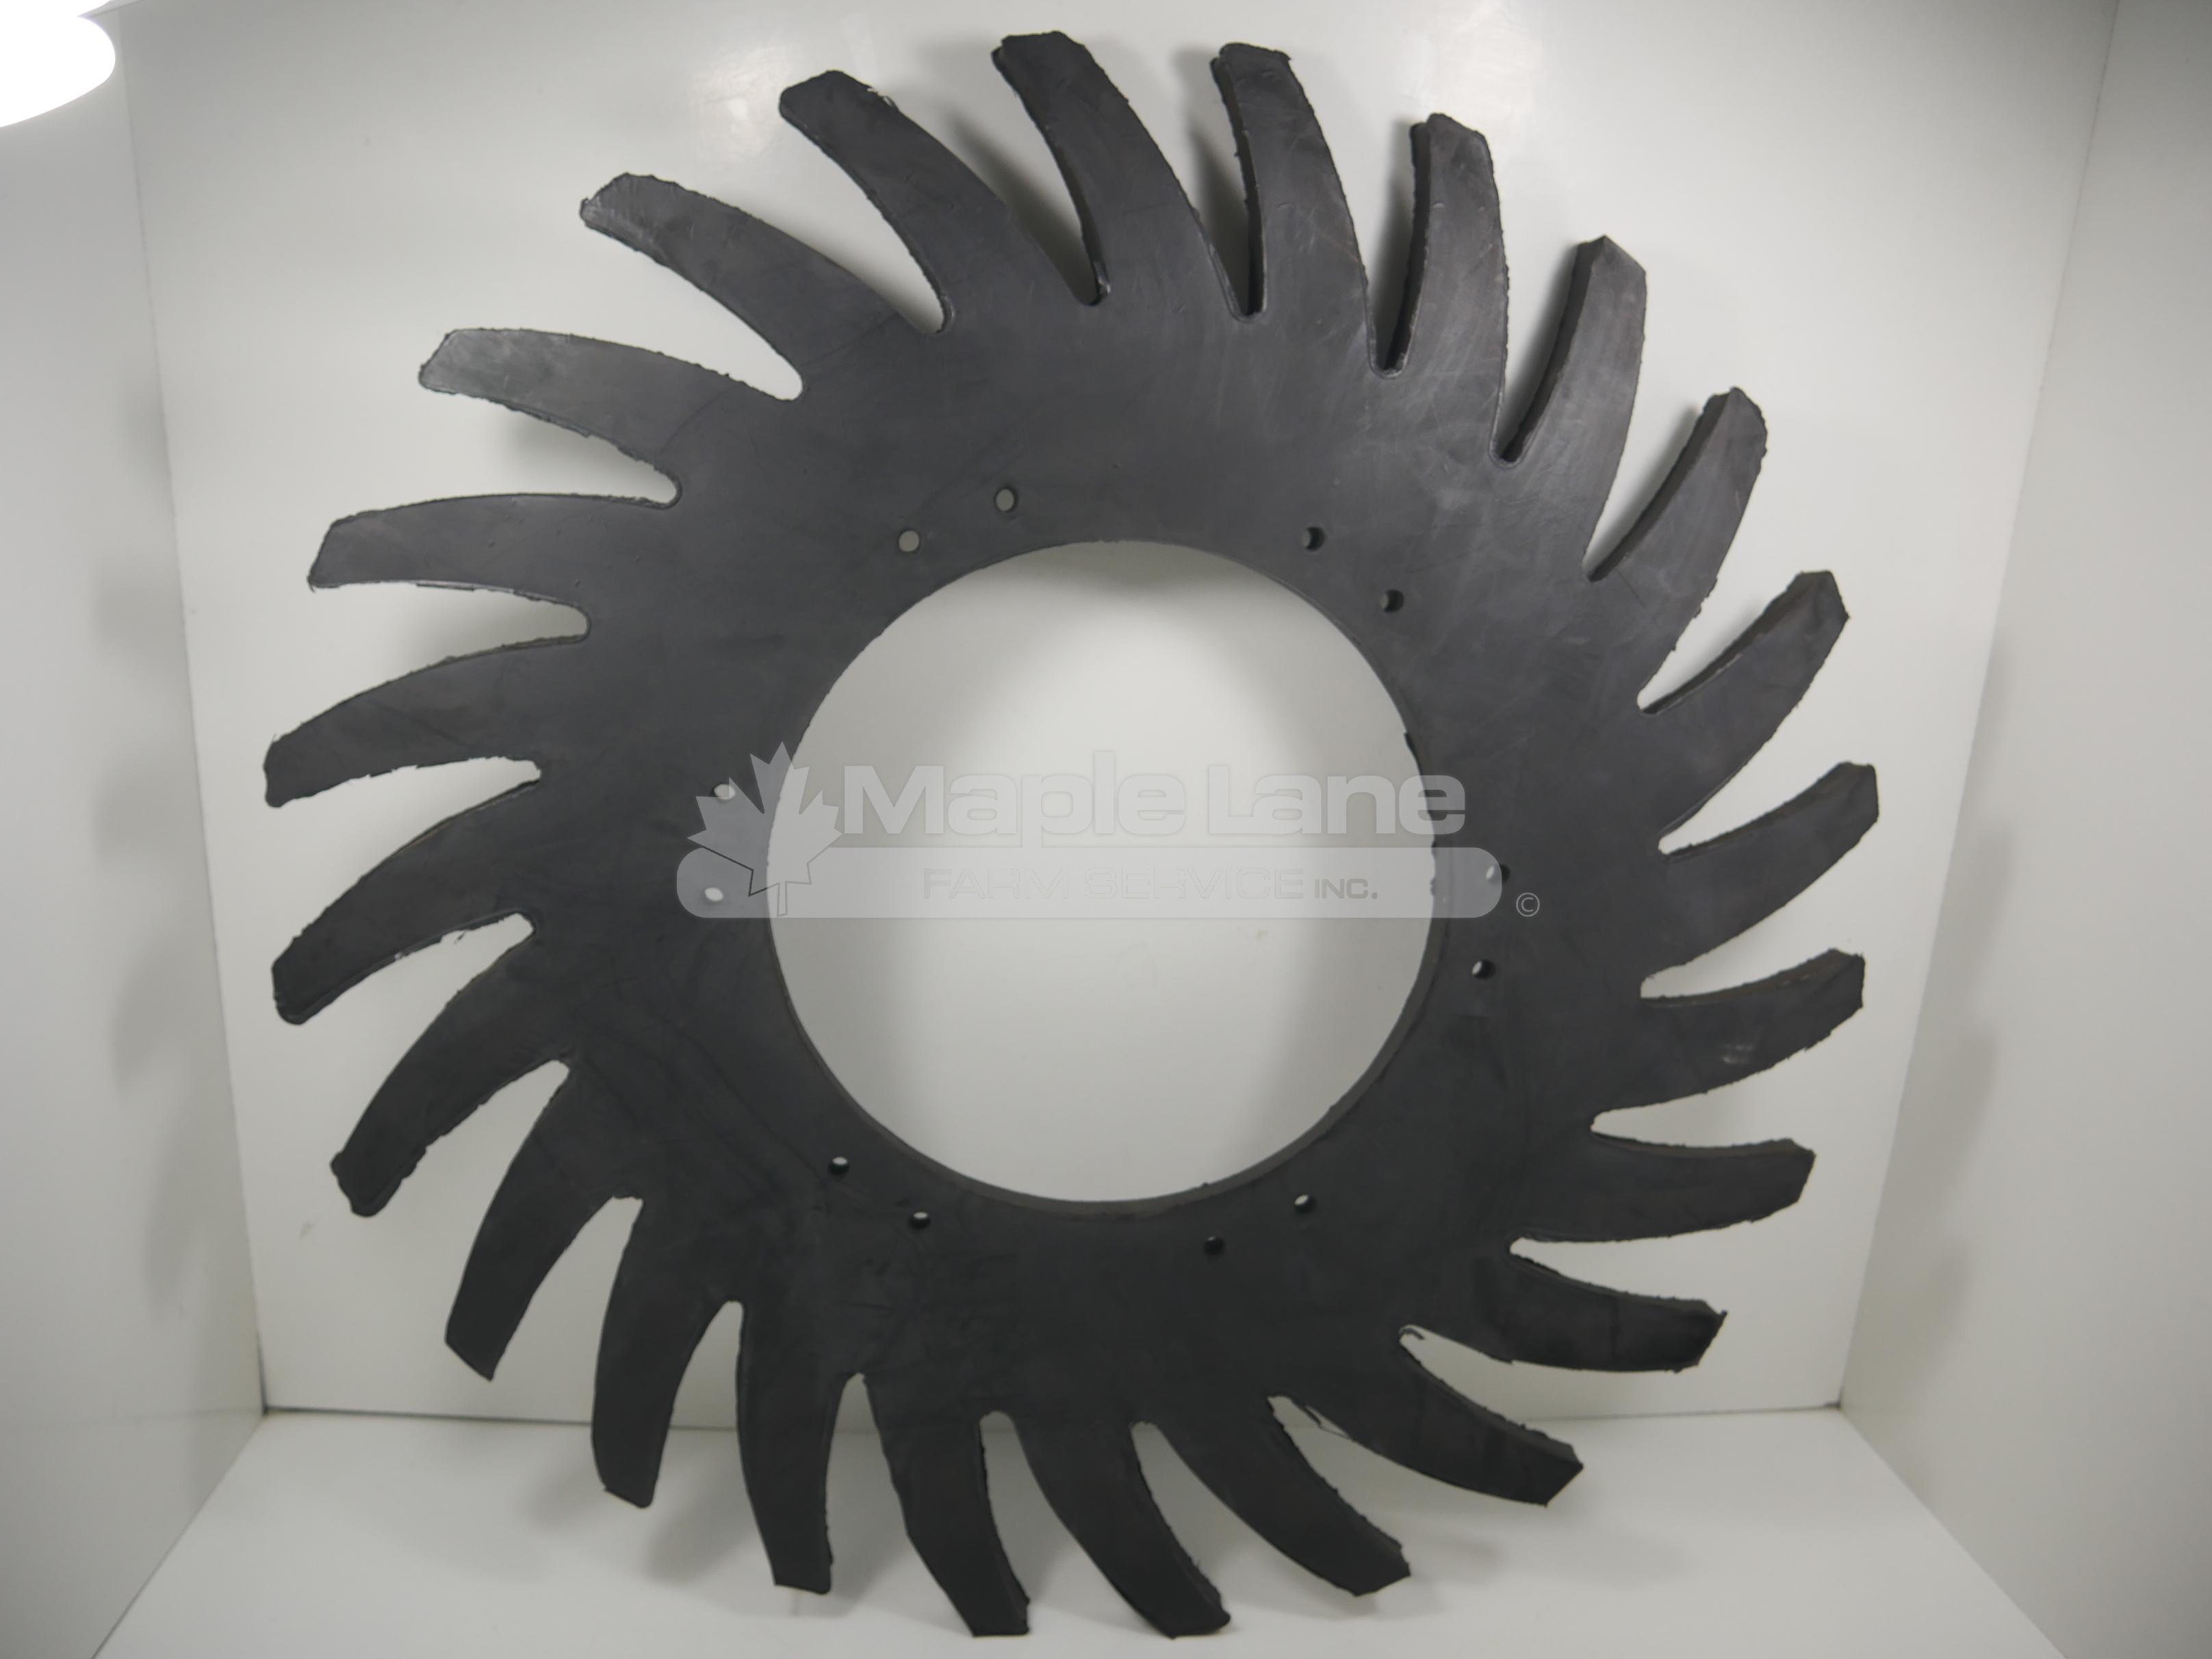 073234 Rubber Wheel